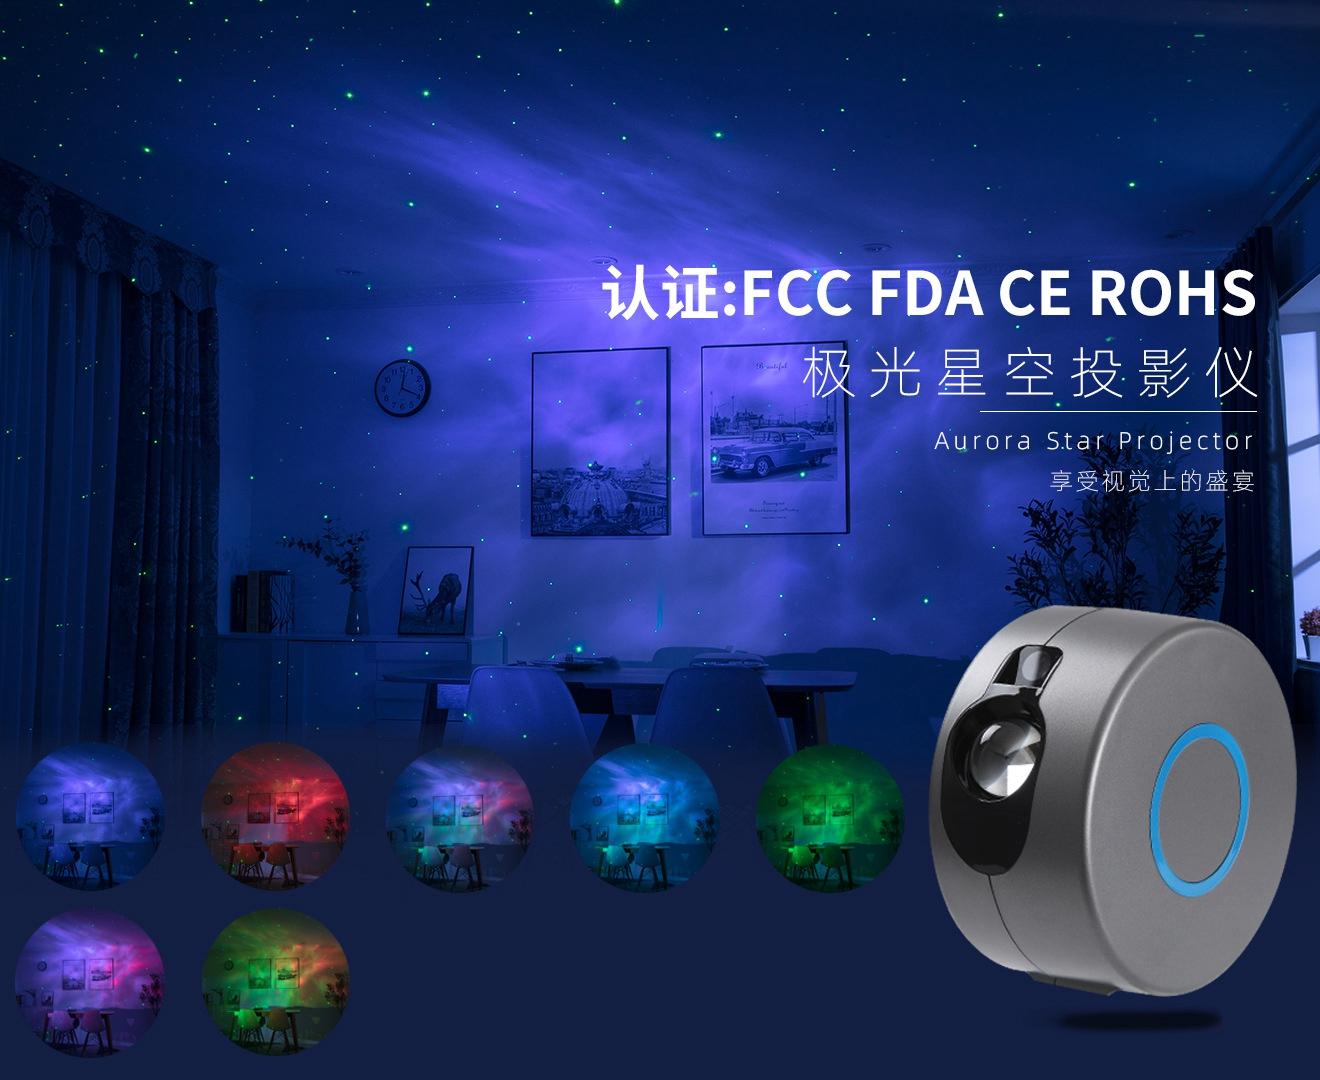 激光星云投影灯舞台装饰灯 LED 视觉 3D 新款七彩极光星空投影仪 2020